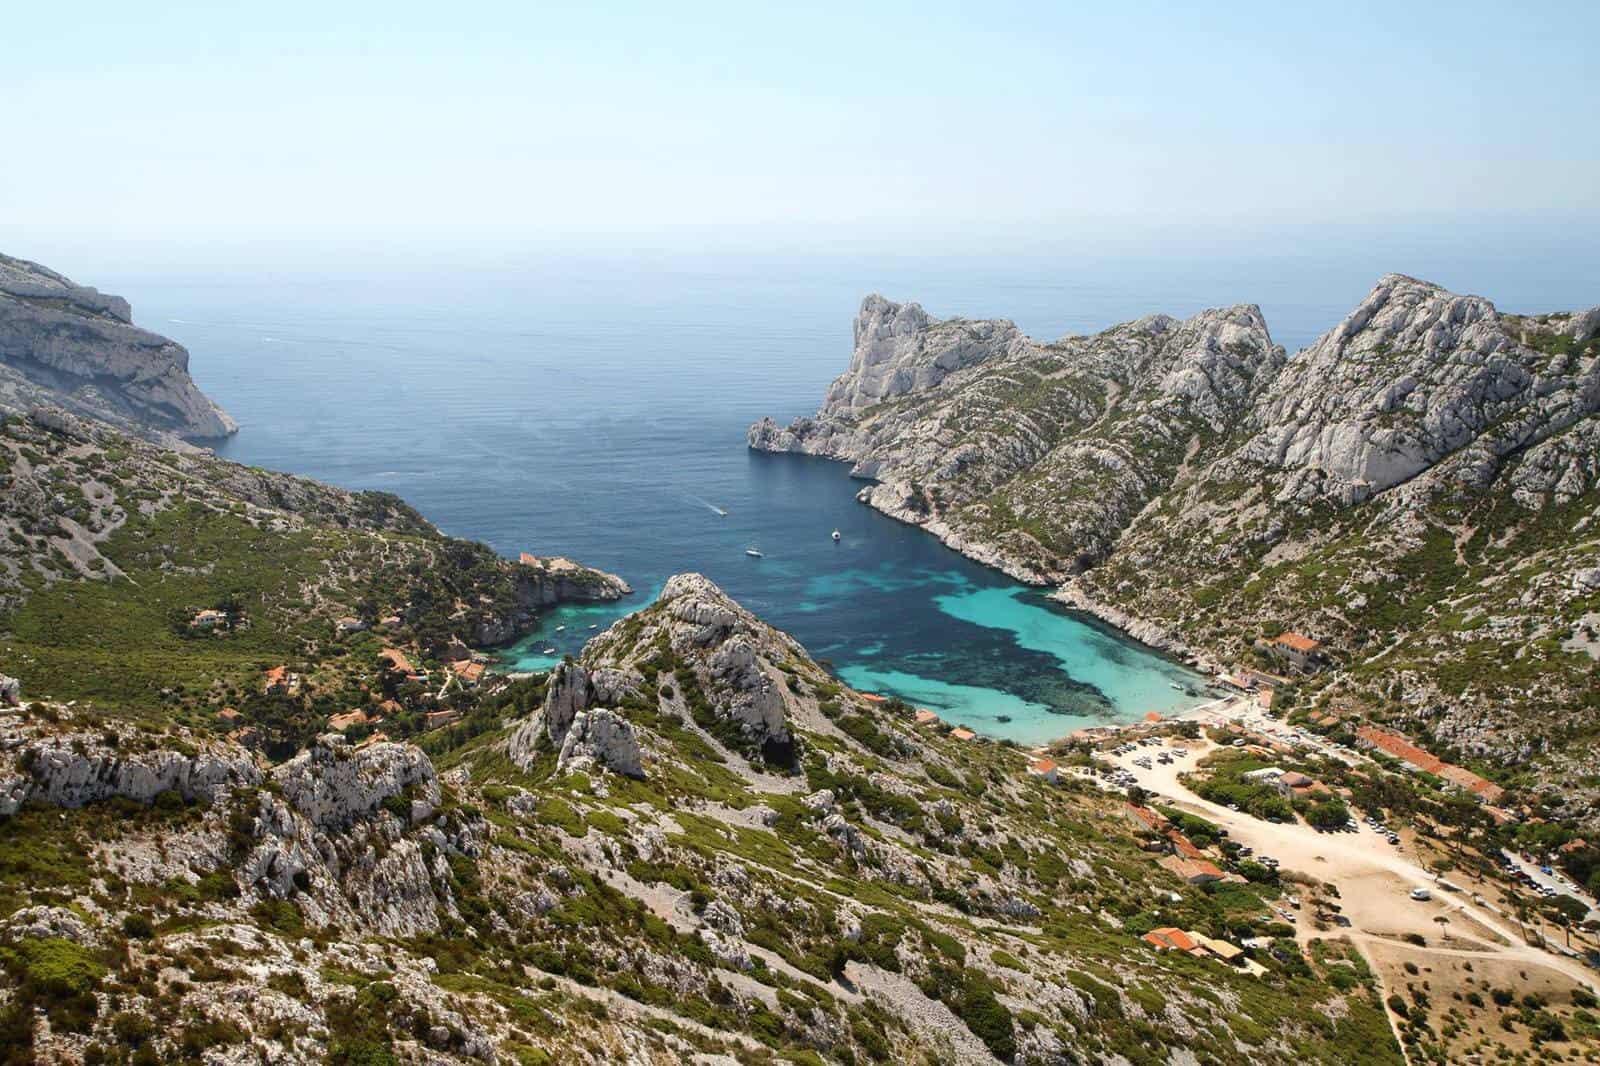 Comment aller jusqu'à la calanque de Sormiou ? | Made in Marseille